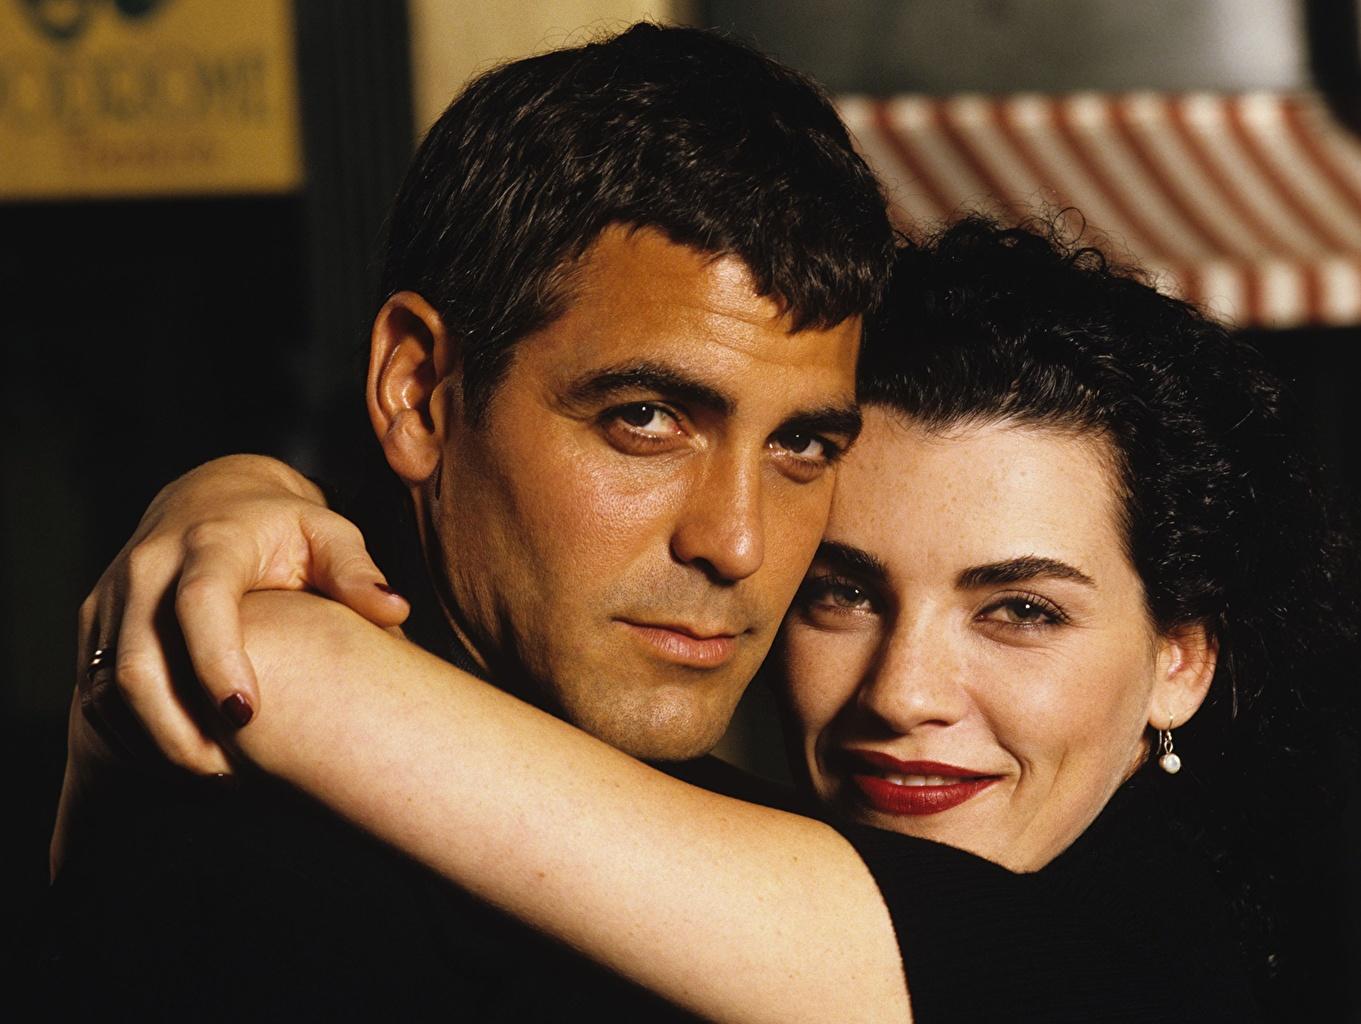 Wallpaper George Clooney Celebrities 1361x1024